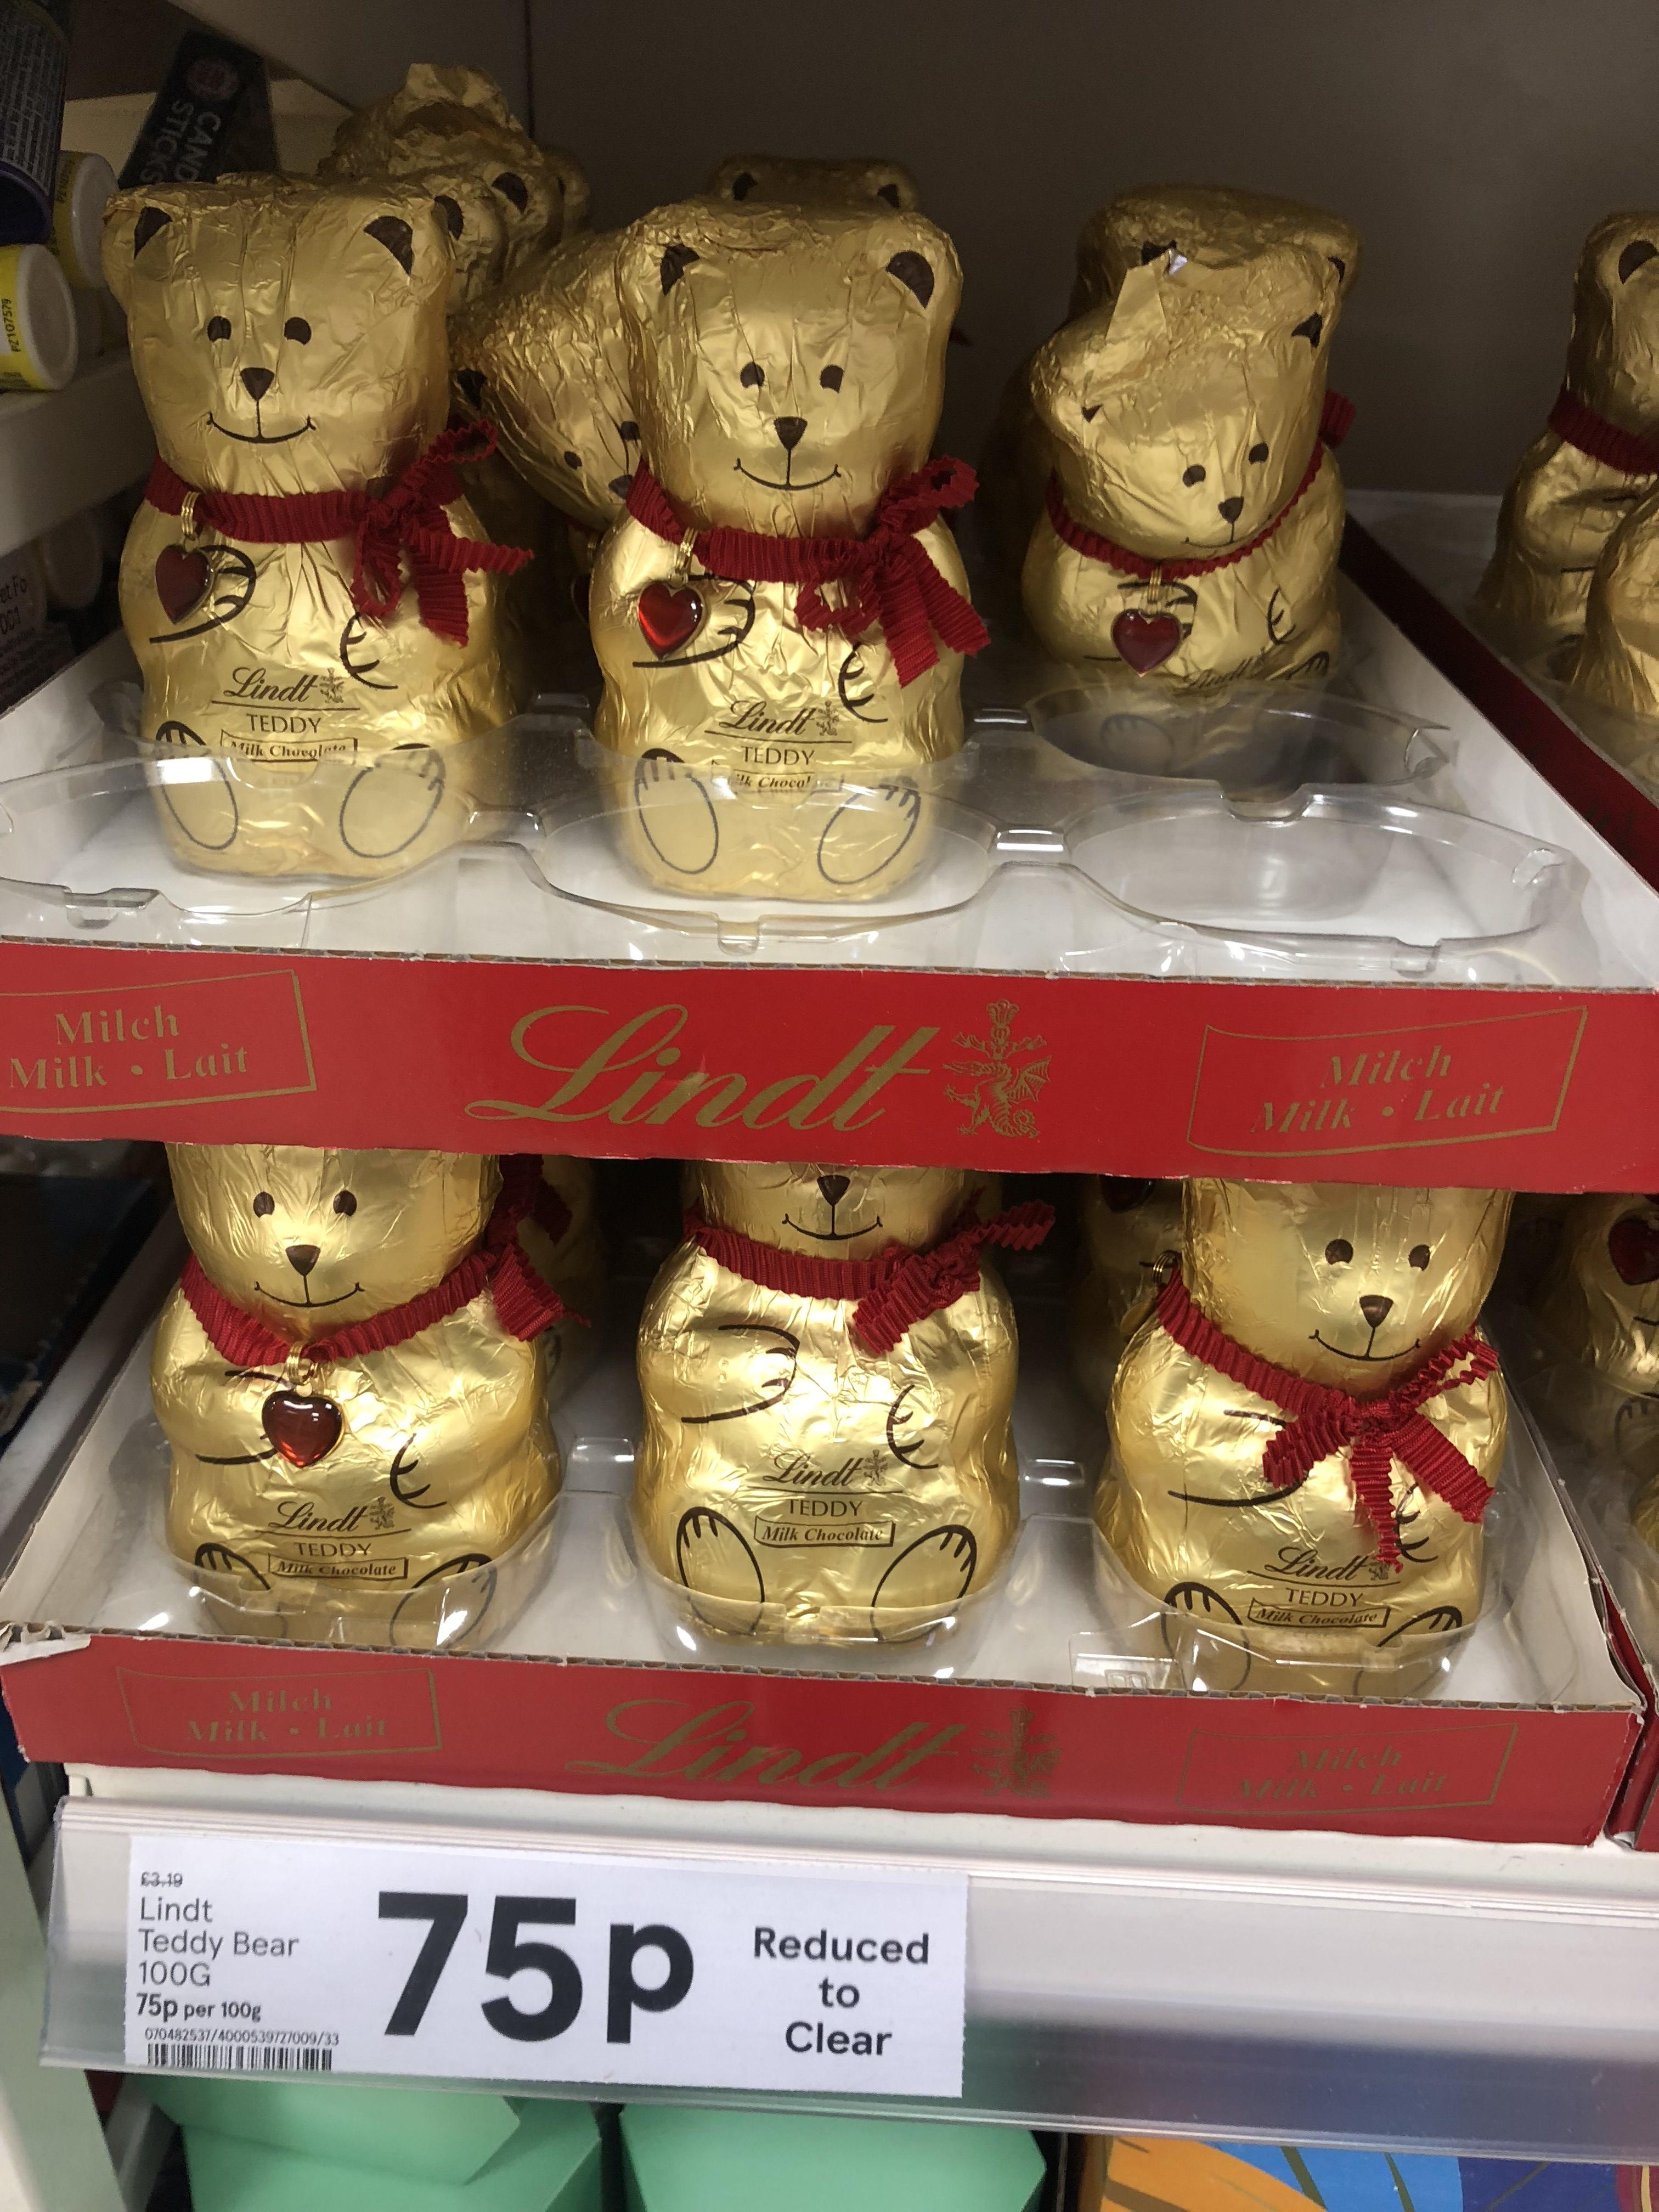 Lindt Teddy Bear 100g 75p - Tesco express instore